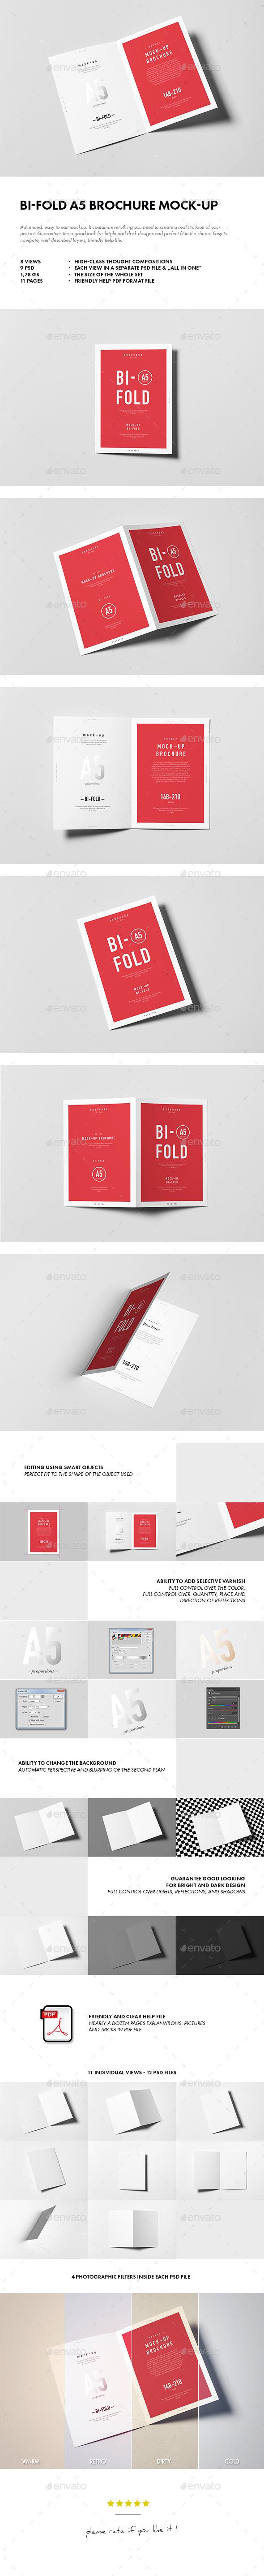 Bi-Fold A5 Brochure / Leaflet Mock-up - Brochures Print